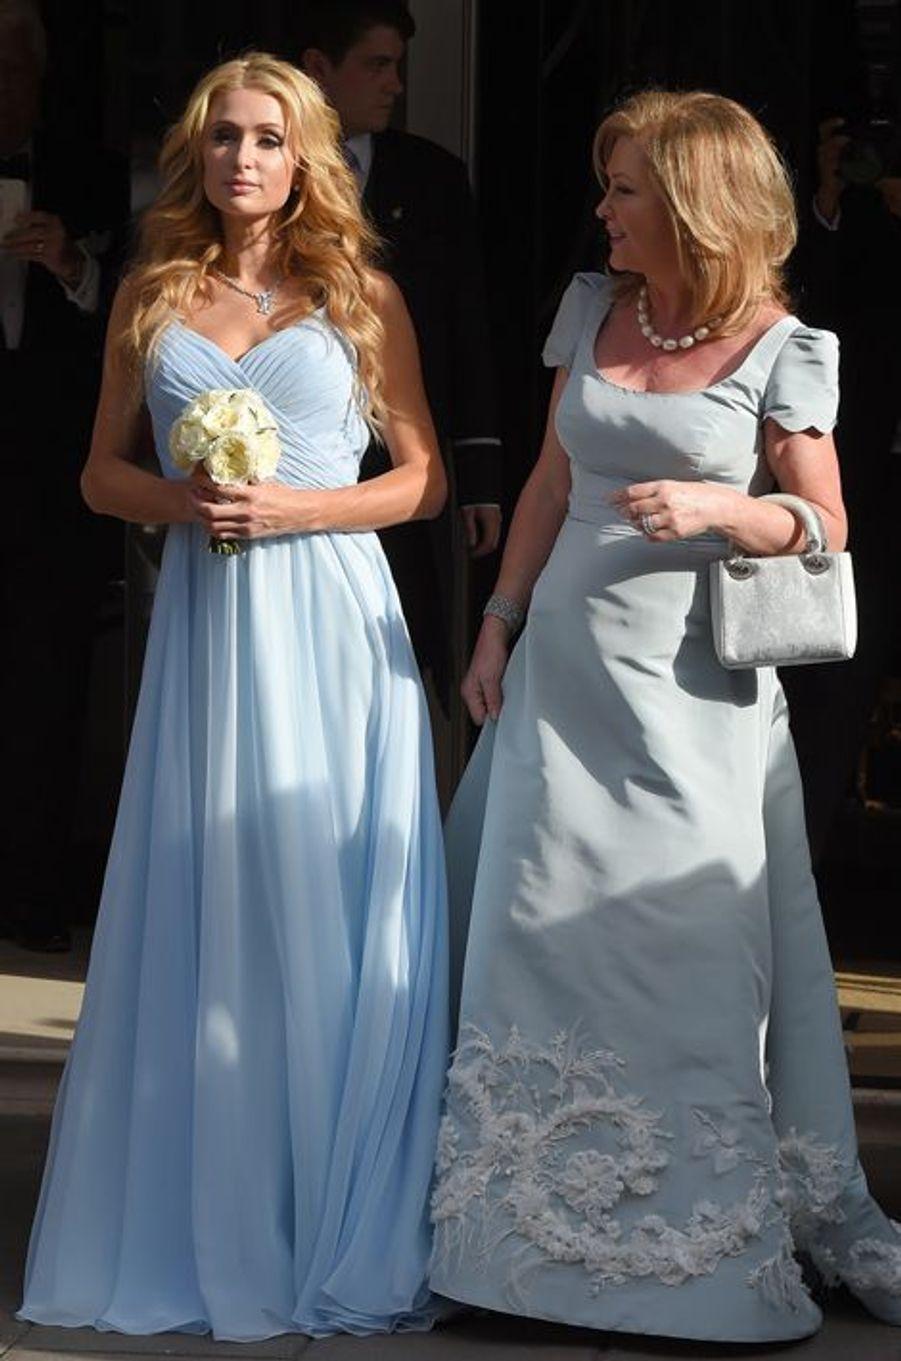 Paris et Kathy Hilton portent des robes assorties lors du mariage de Nicky Hilton à Londres